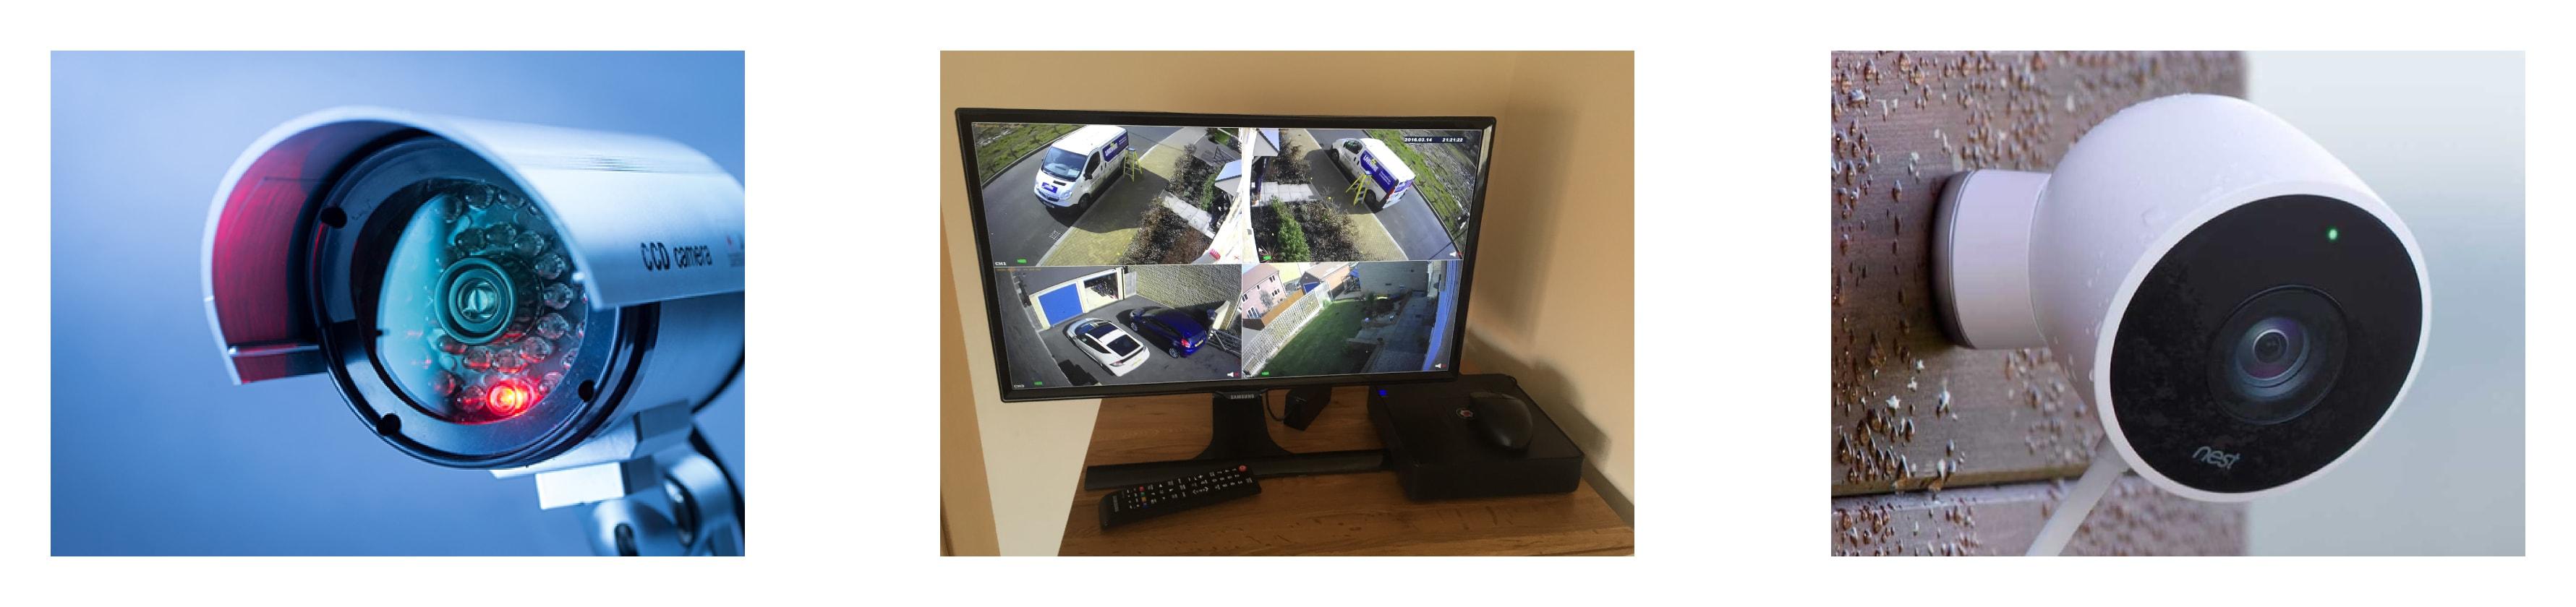 CCTV installation in Cheltenham & Gloucester